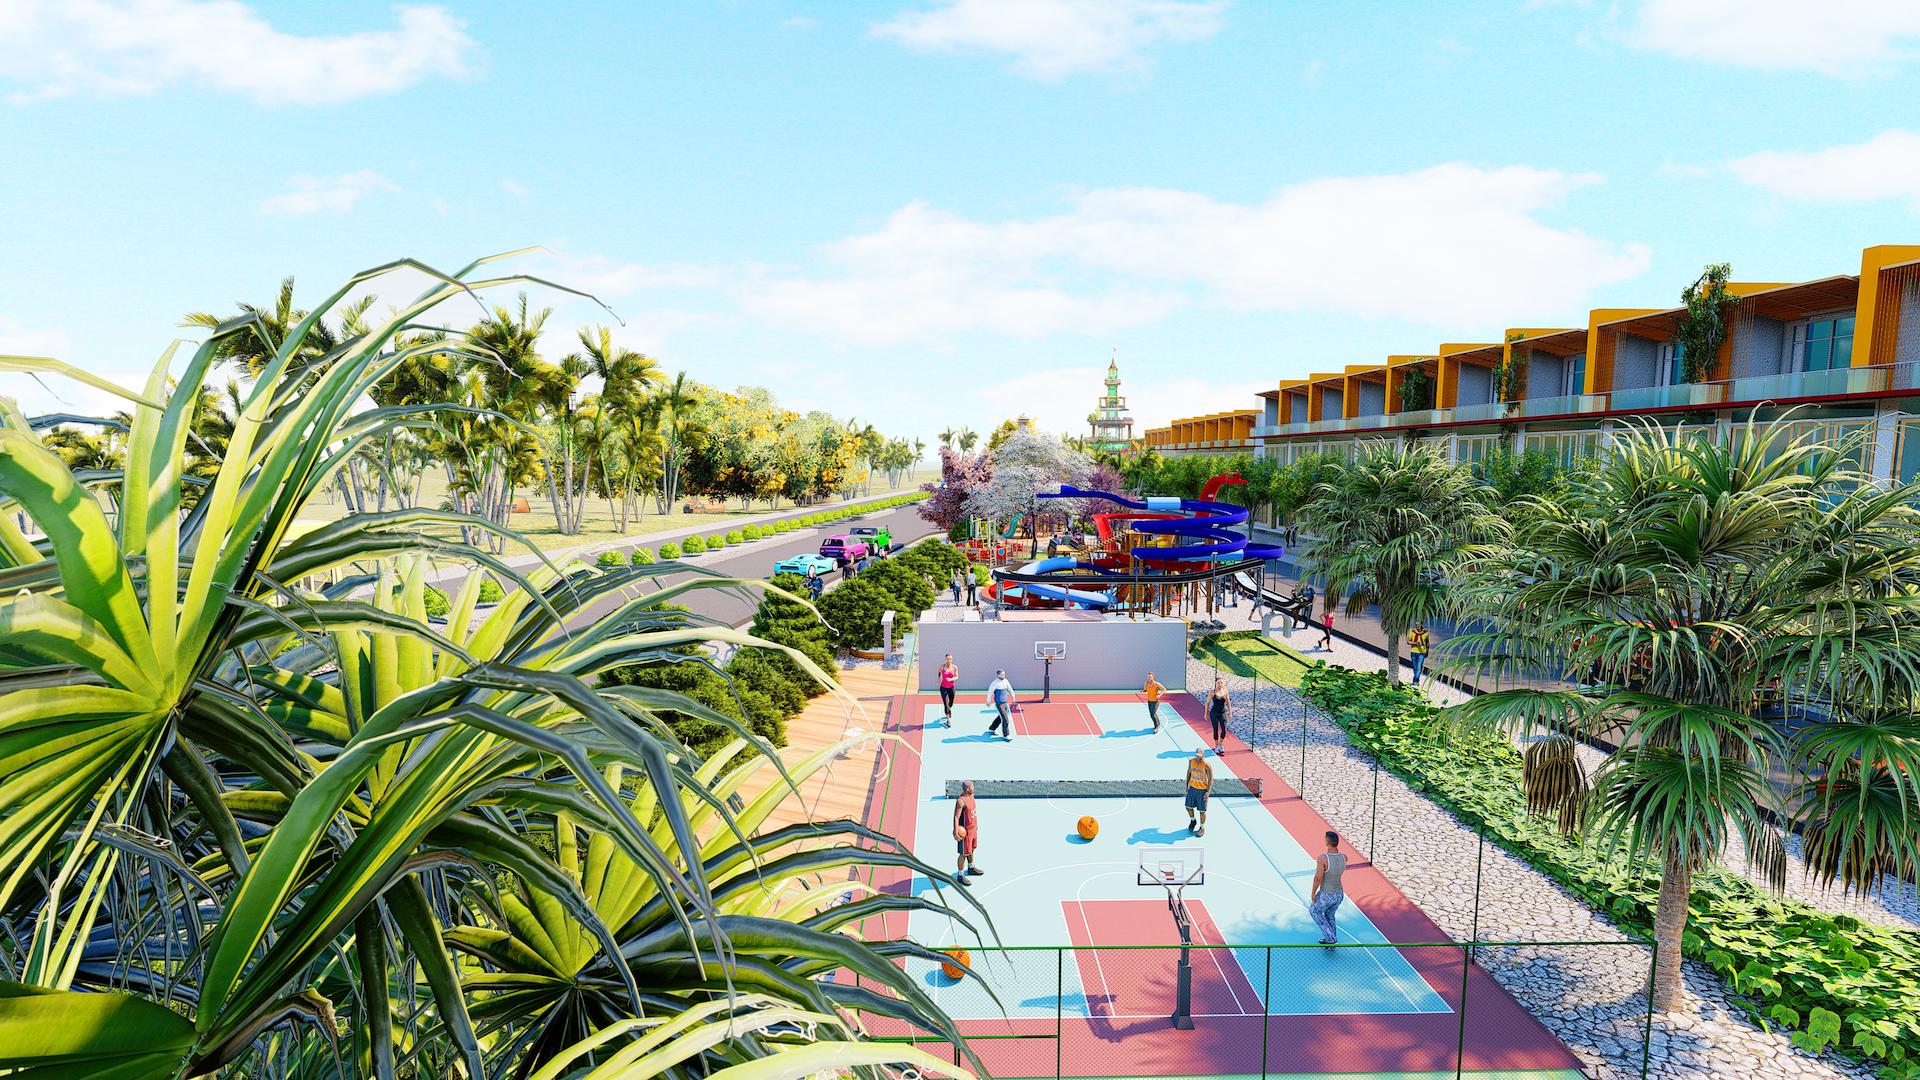 Phối cảnh khuôn viên khu thể dục thể thao bên trong dự án Ocean Gate